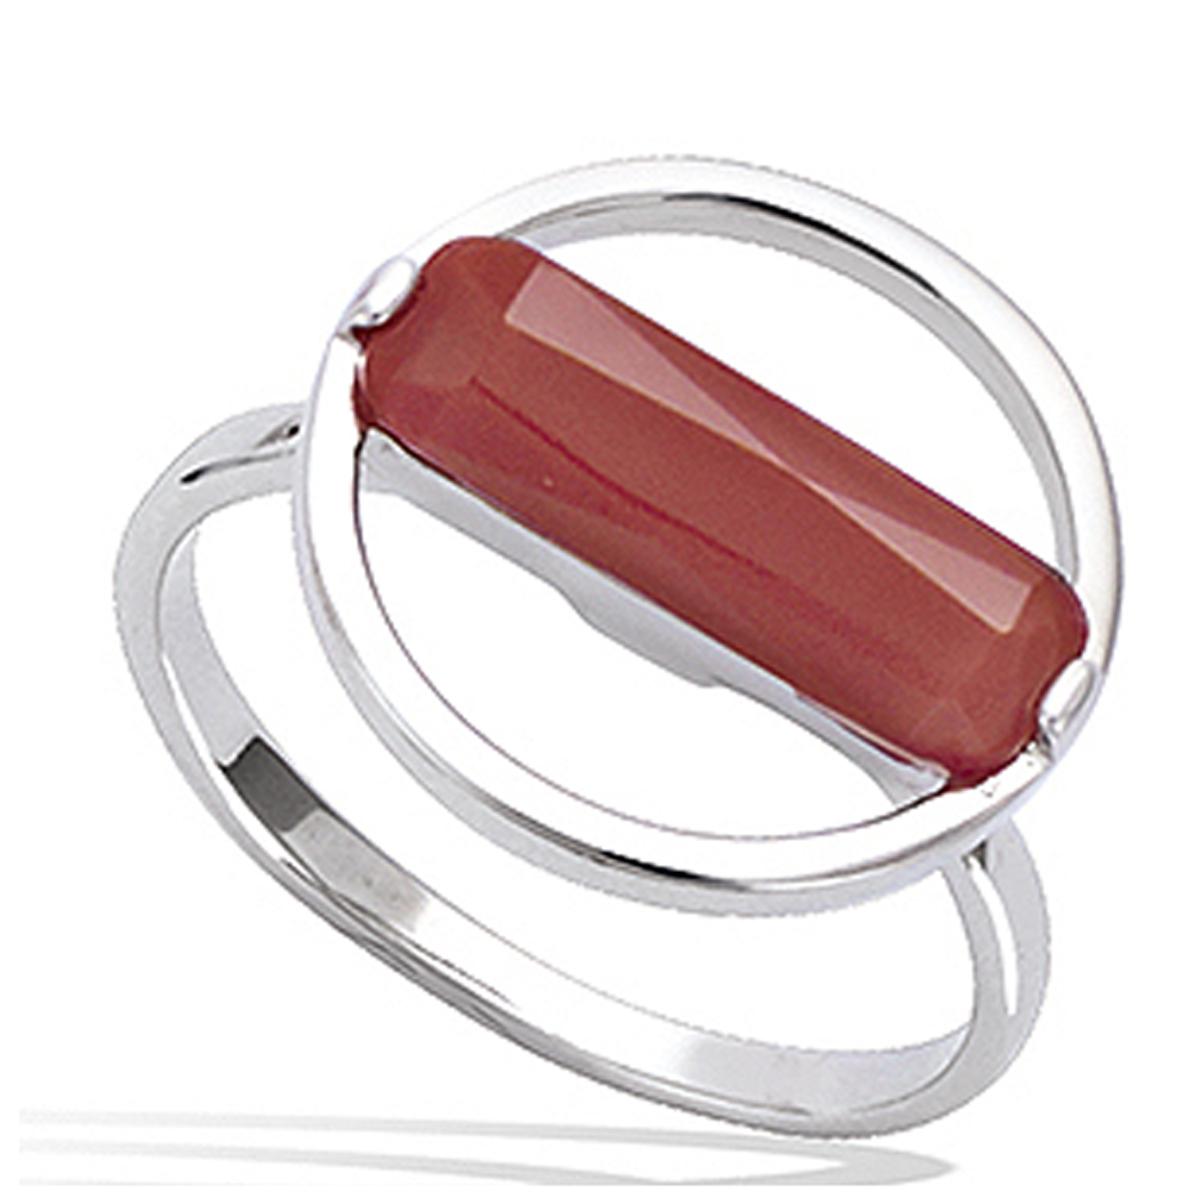 Bague Argent \'Boho\' rouge argenté (rhodié) - 16 mm - [P7993]